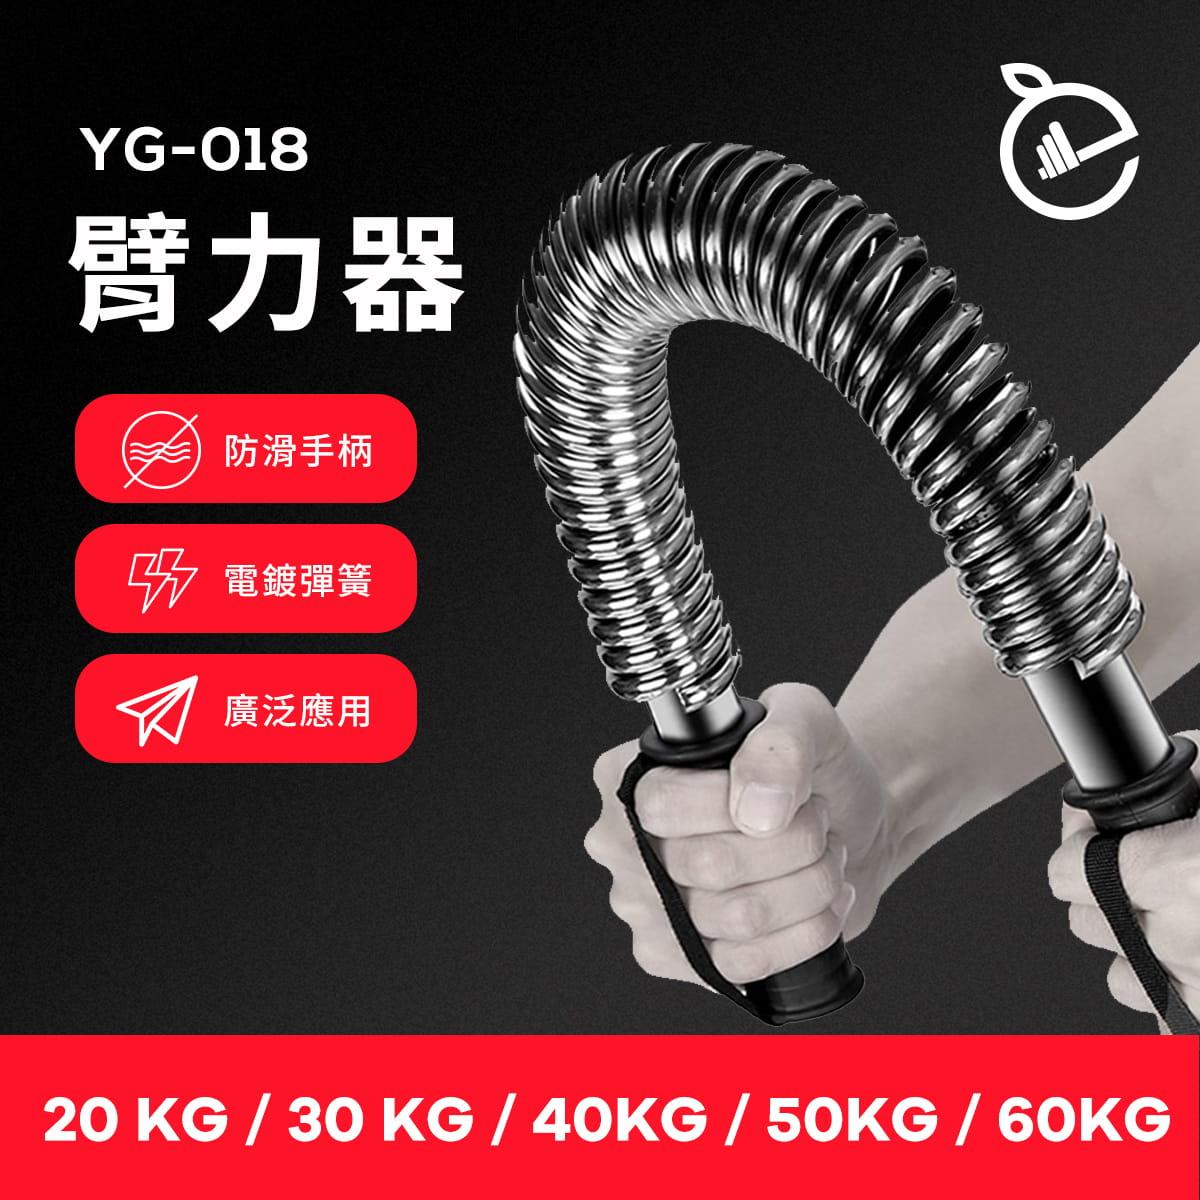 20公斤臂力器◆雙簧 臂力棒 彈簧棒 握力 腹肌 二頭肌 胸肌 伏地挺身 健肌器 重訓 健身舉重